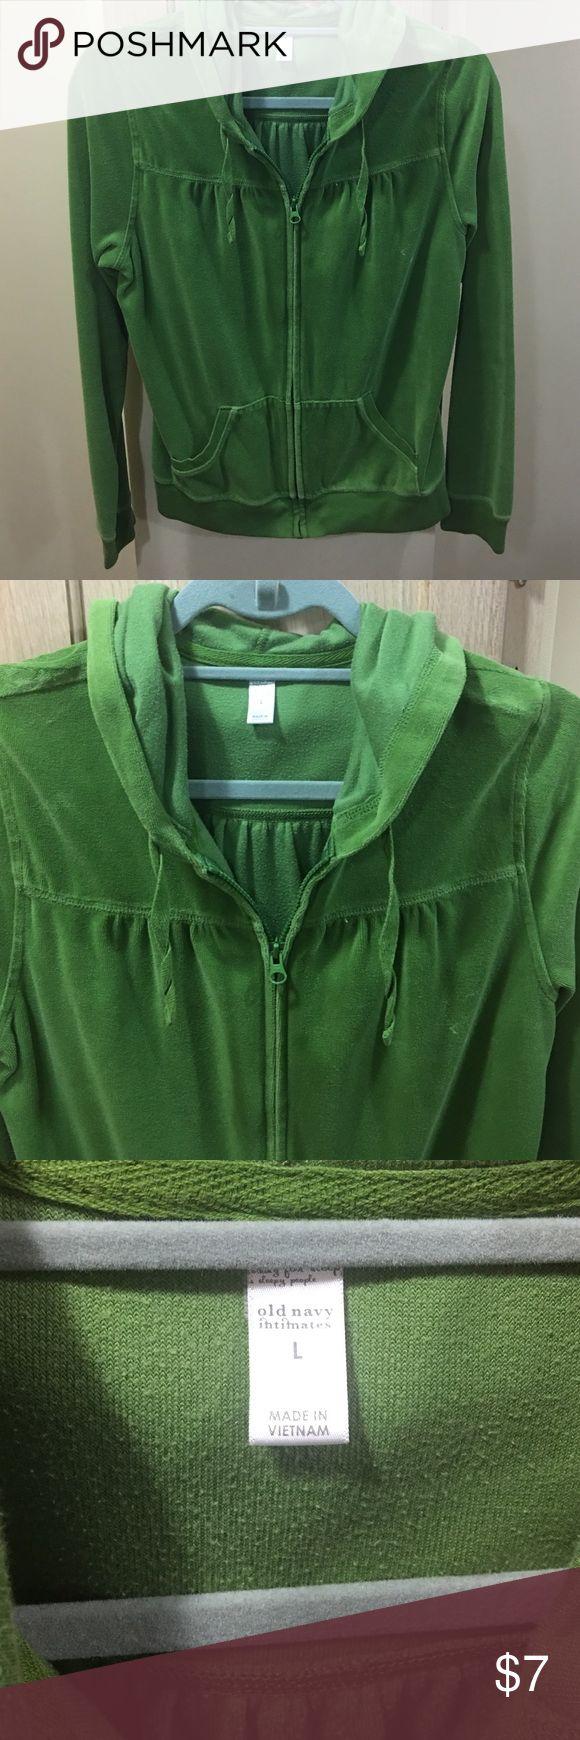 Old Navy - women's zip up Size large women's green zip up hoodie; excellent condition! Old Navy Tops Sweatshirts & Hoodies